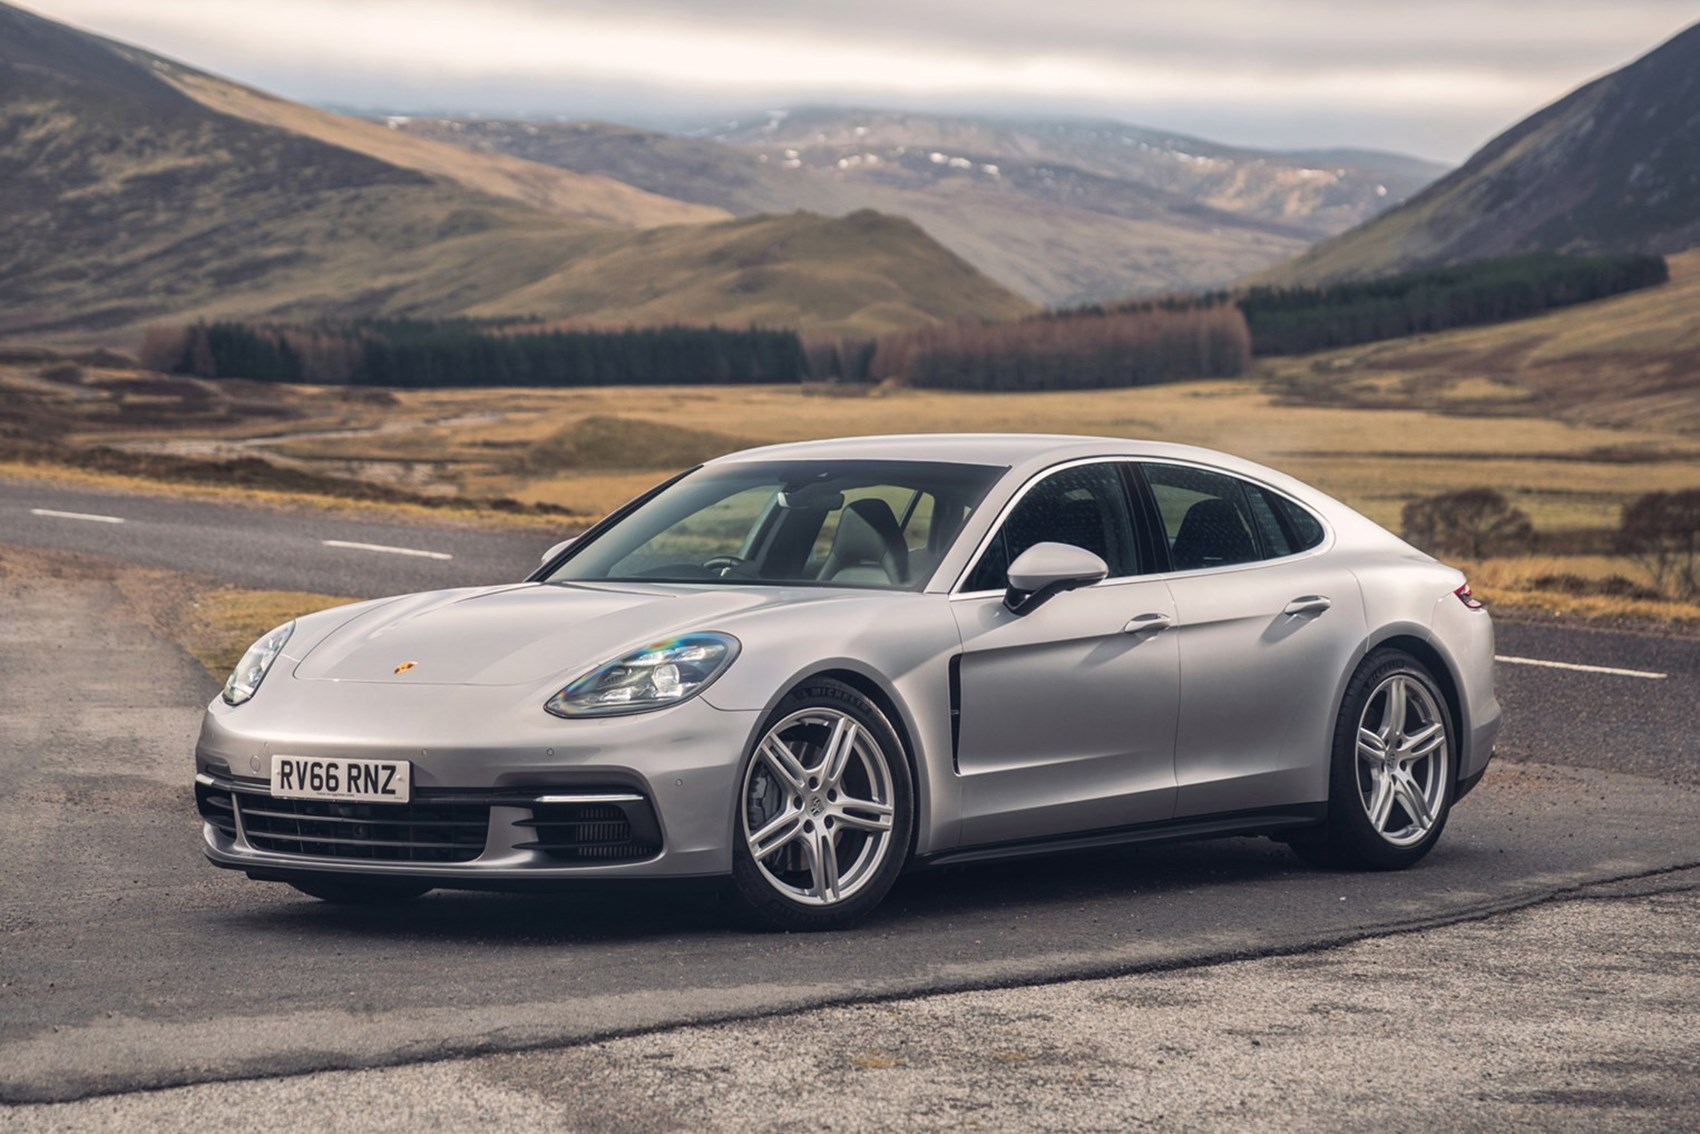 Porsche Panamera - fast economical cars